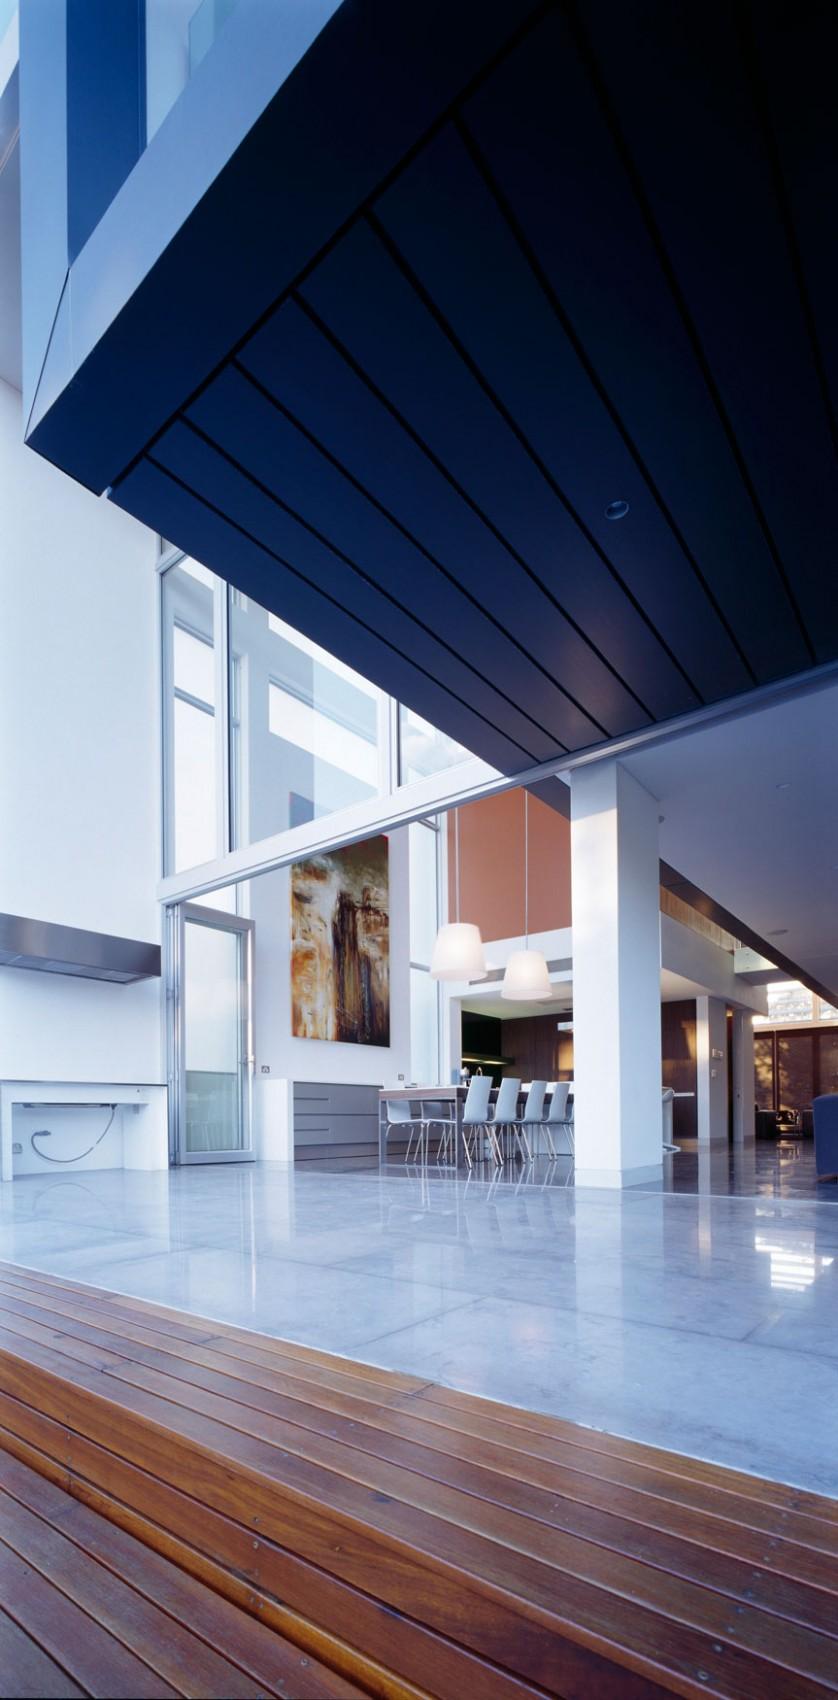 Architetturedinterni-Raffinato-stile-urbano-a Sydney-2